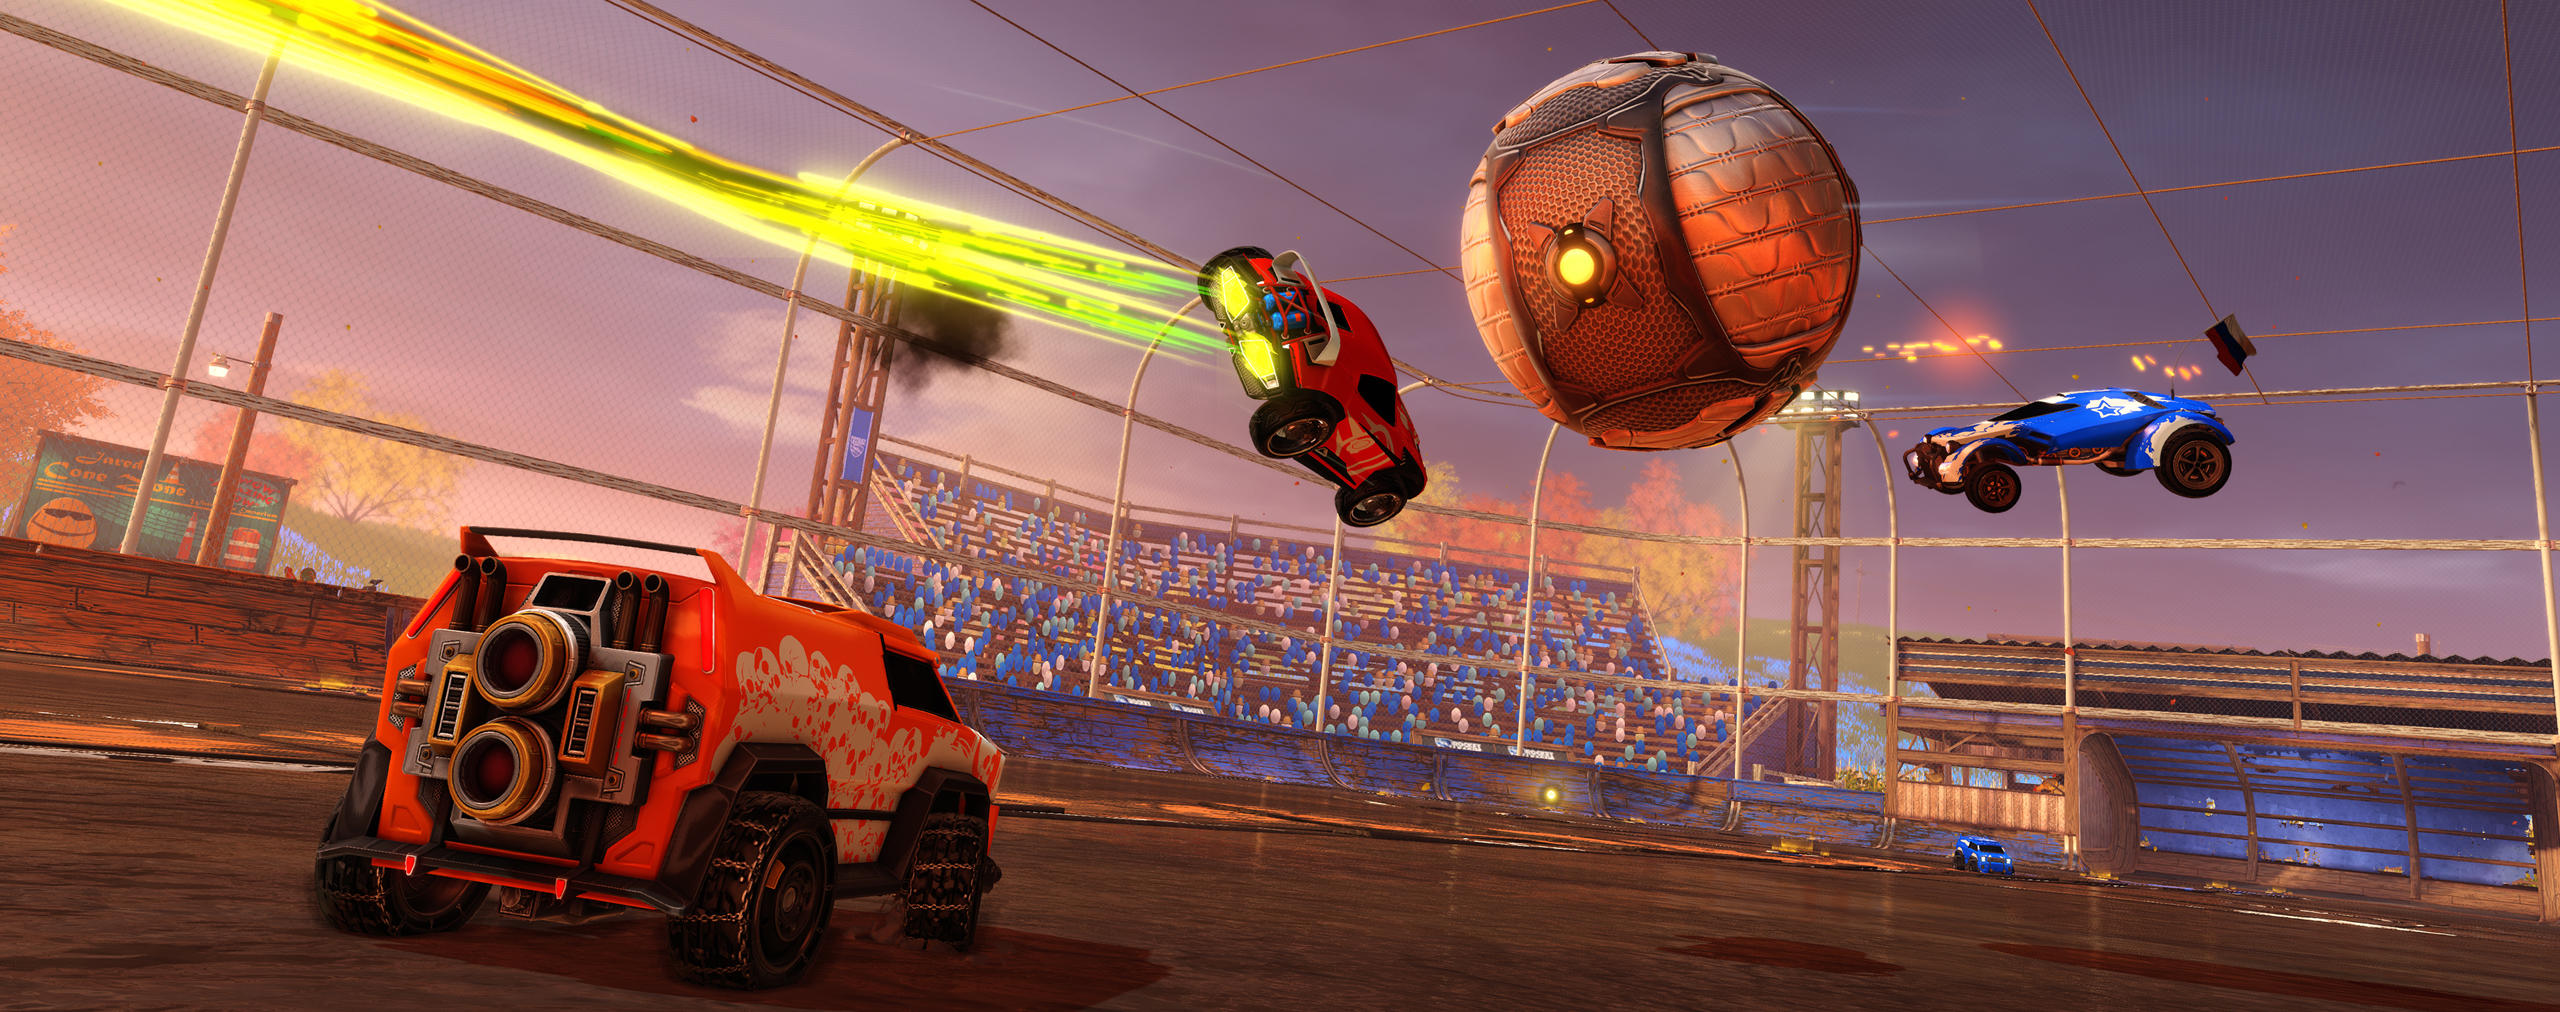 Podzimní aktualizace Rocket League je nacpaná novým obsahem 149854